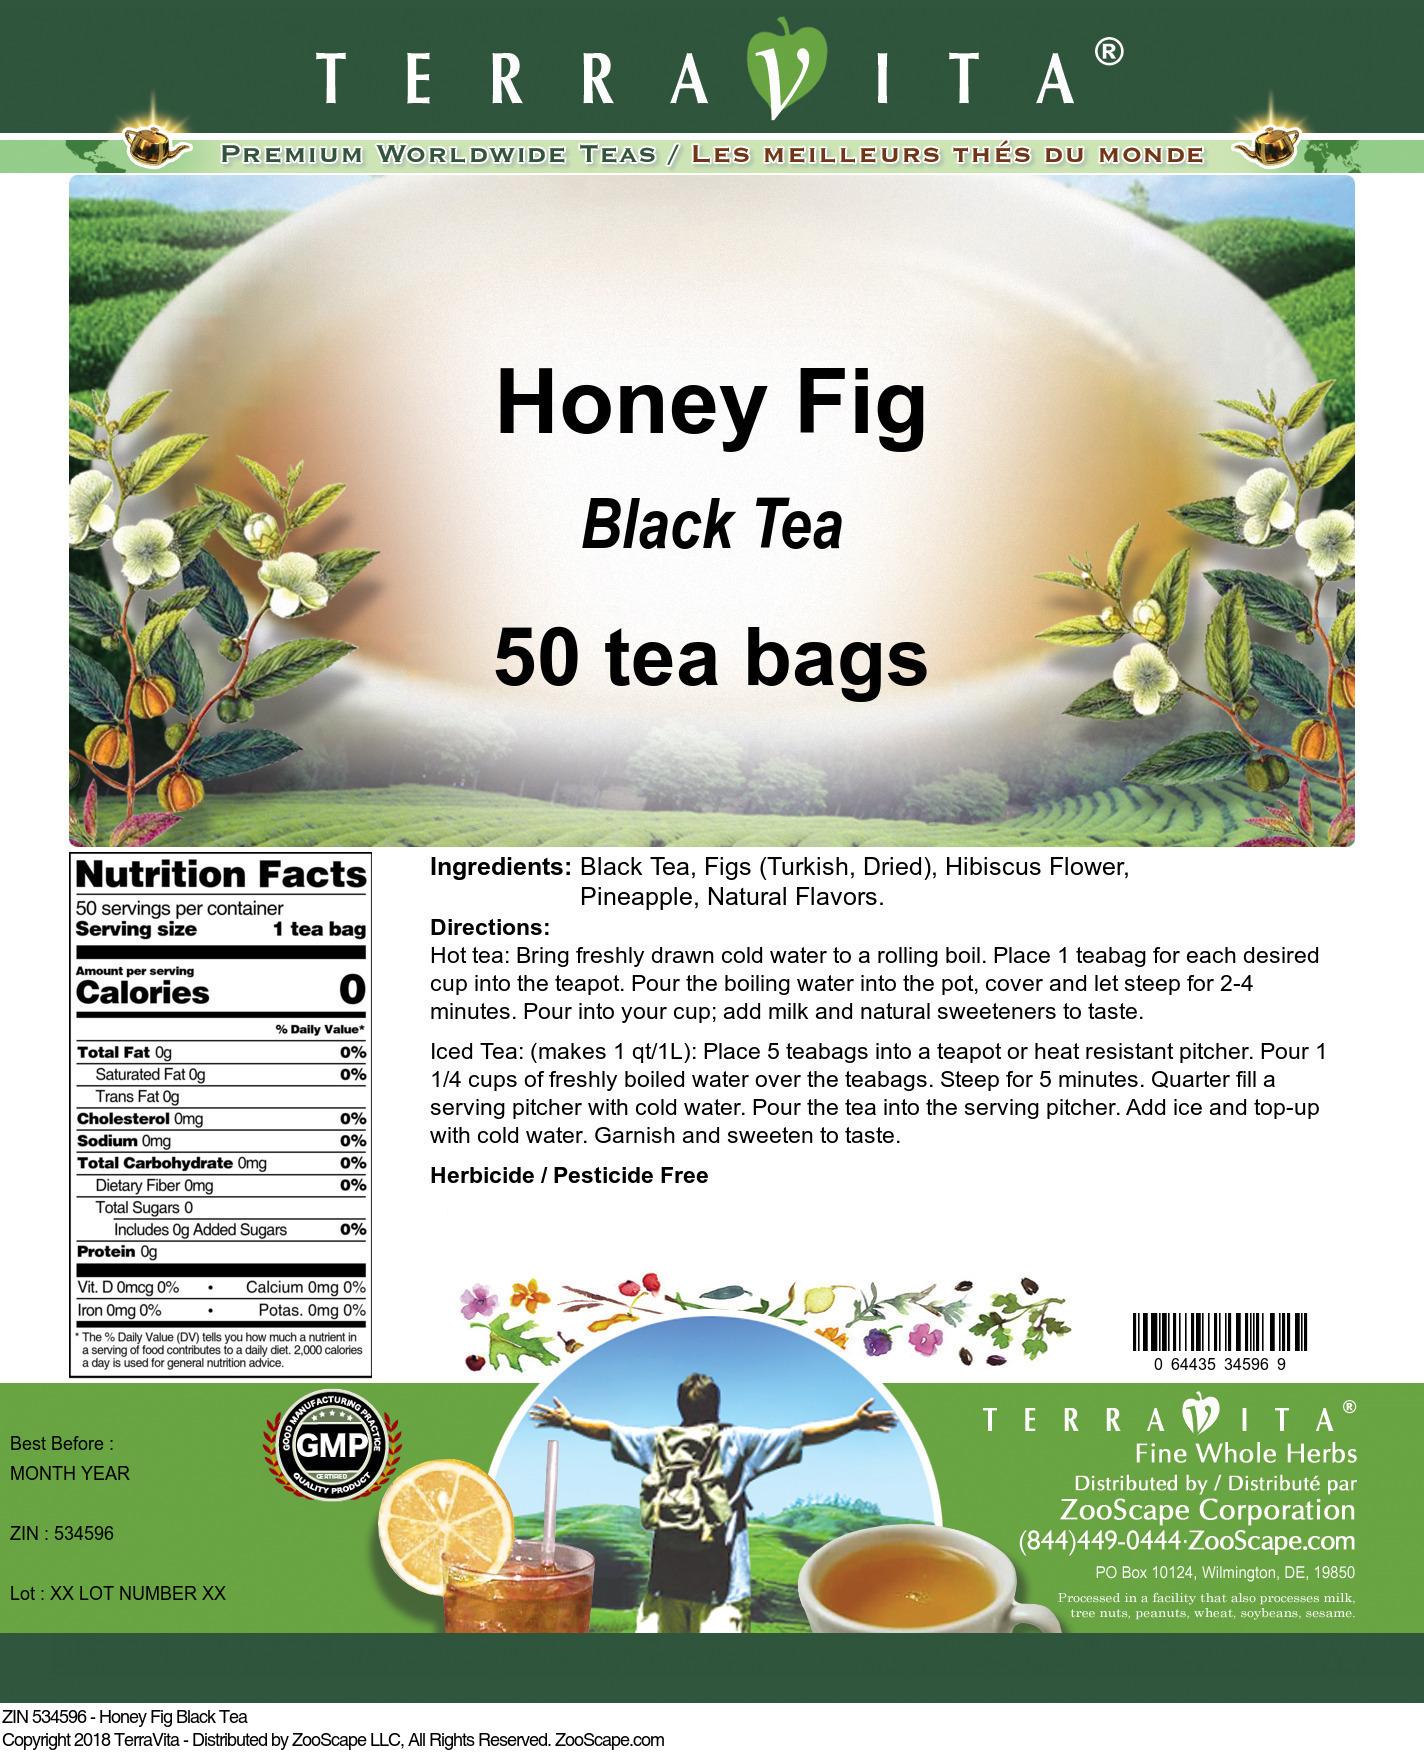 Honey Fig Black Tea